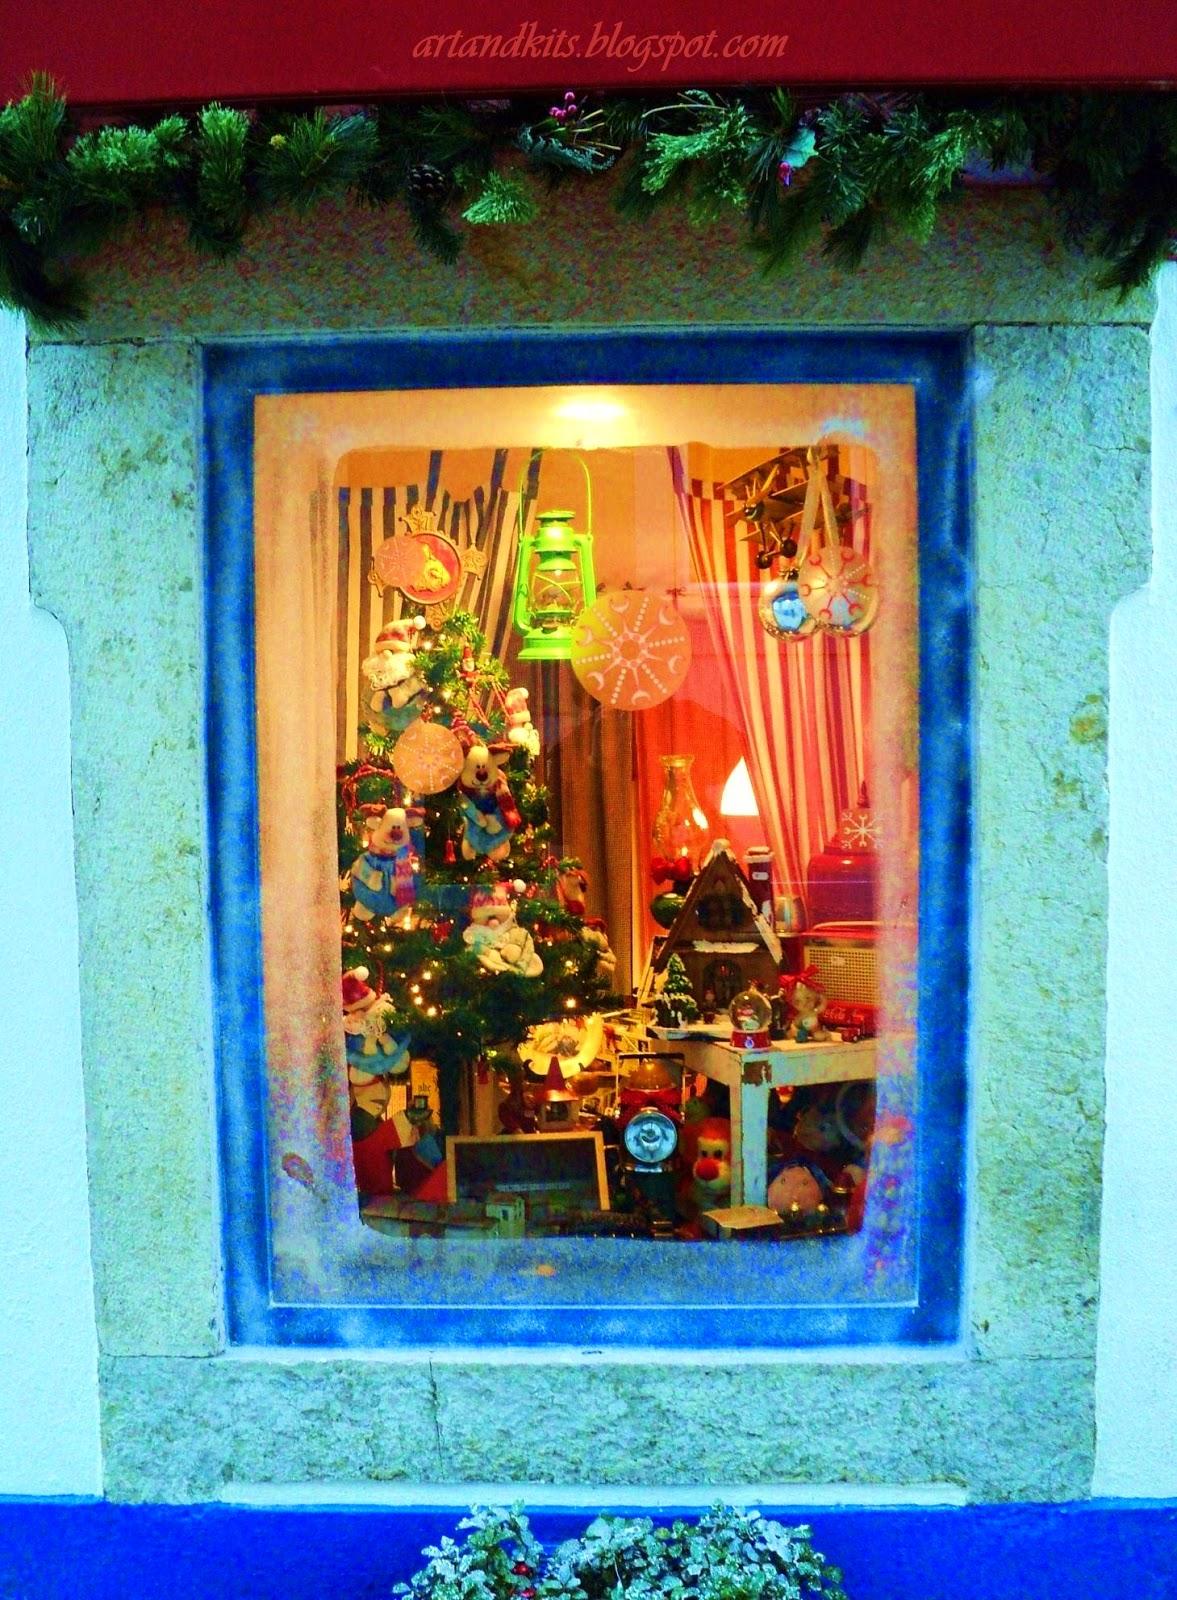 Feliz Natal, para todos! E que o verdadeiro espírito de Natal, esteja sempre presente, tanto quanto possível, em cada dia das nossas vidas... / Merry Christmas, to you all! And may the true spirit of Christmas, always be present, as much as possible, every day of our lives...